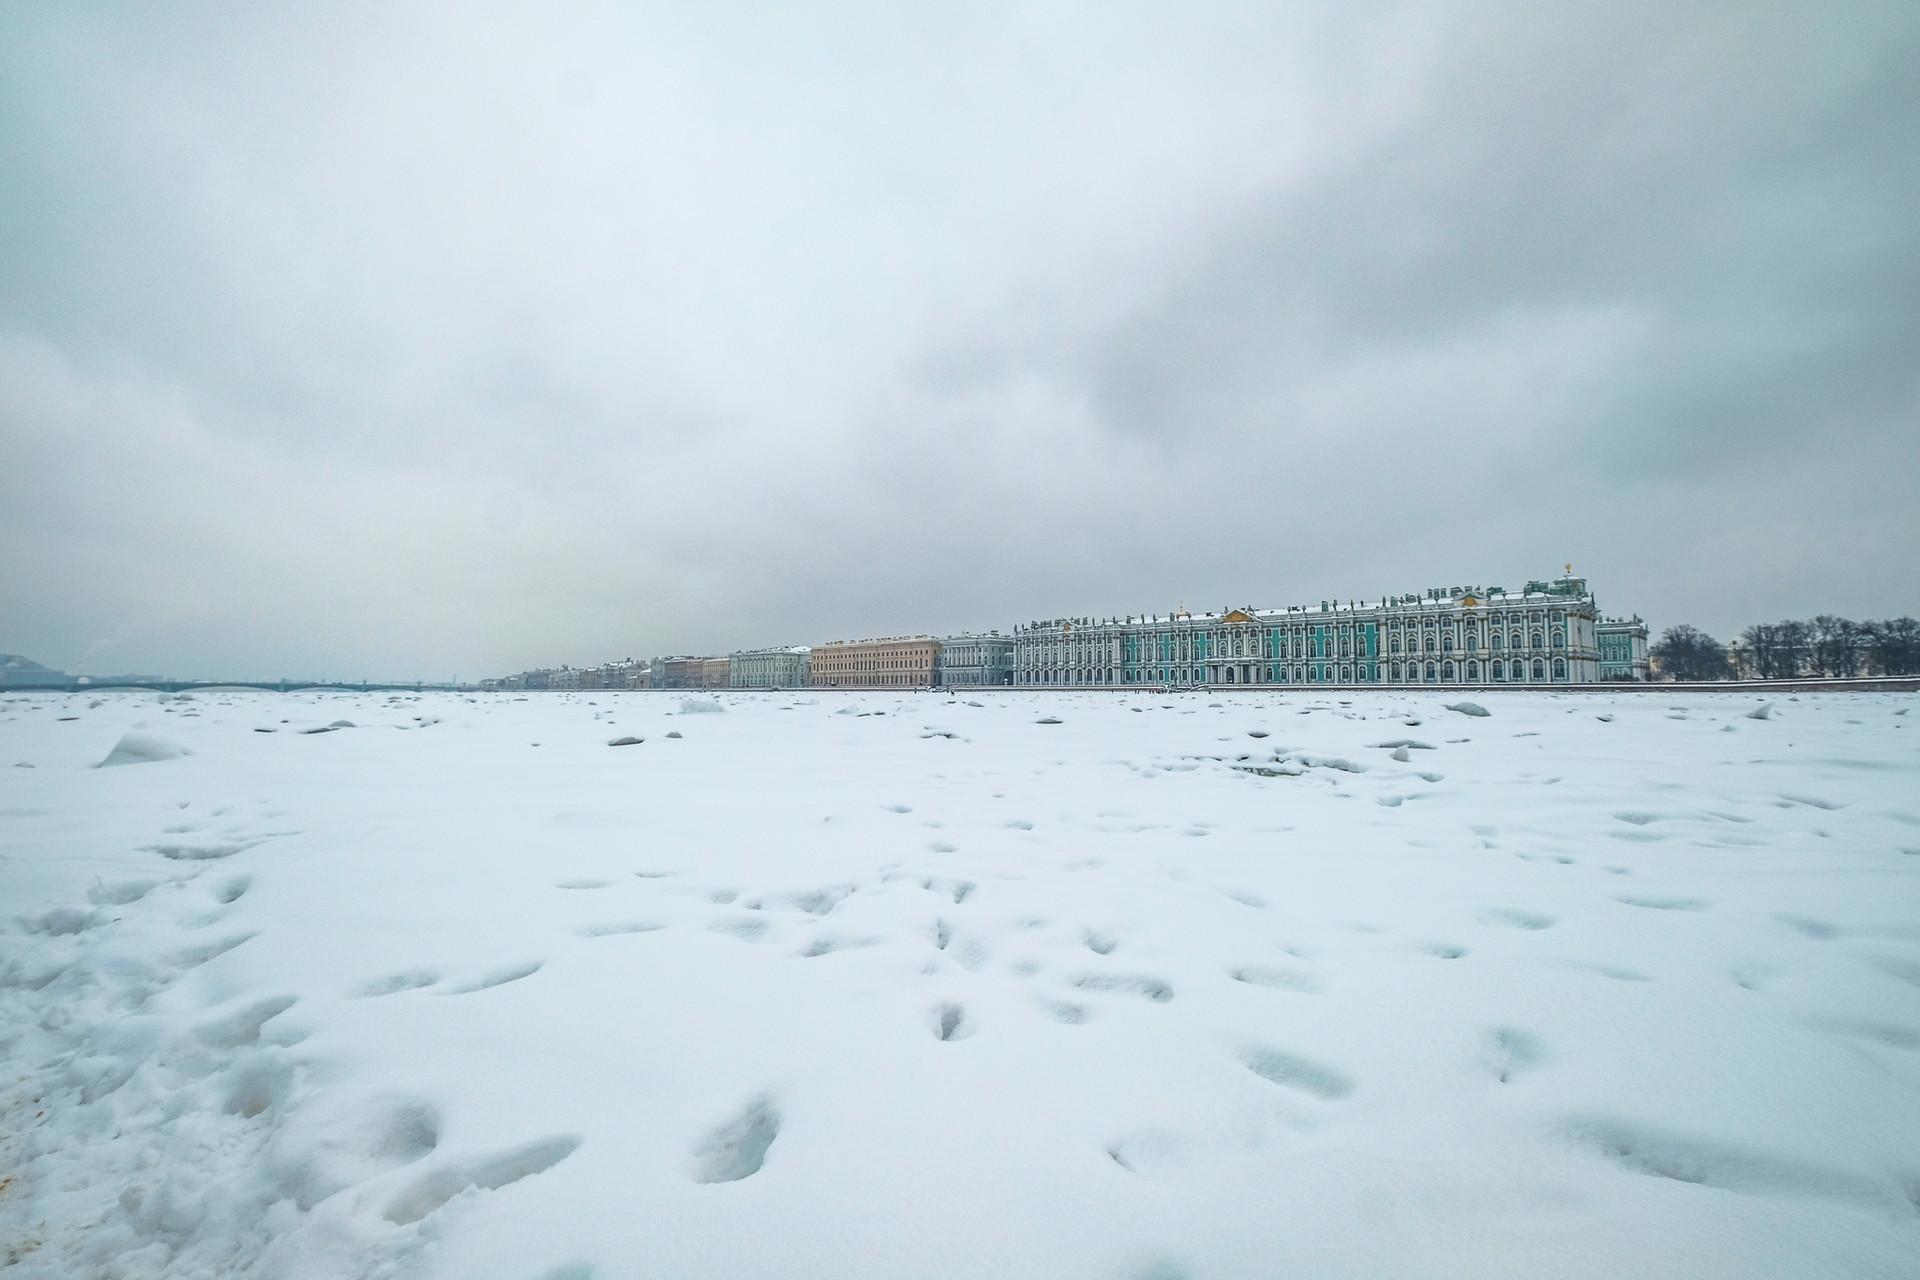 The Frozen Neva